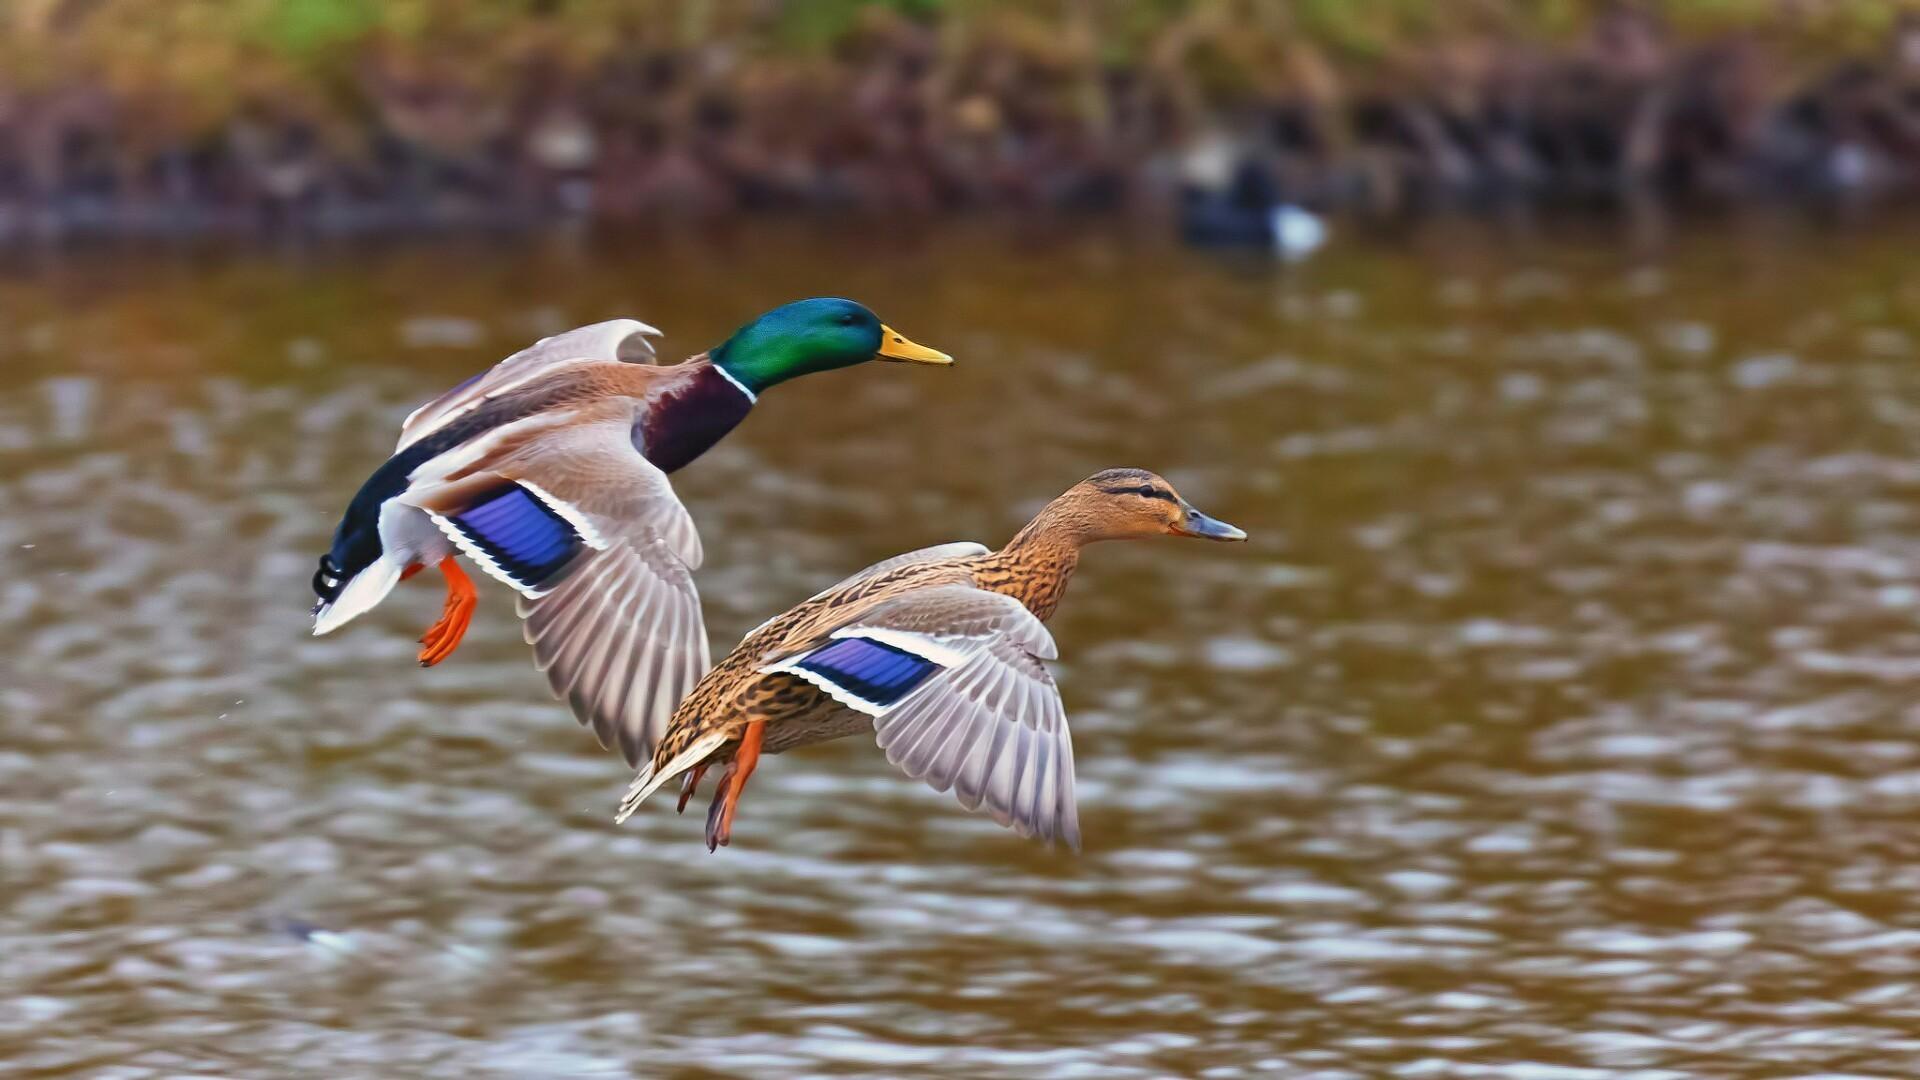 Mallard Duck Wallpaper (67+ images)